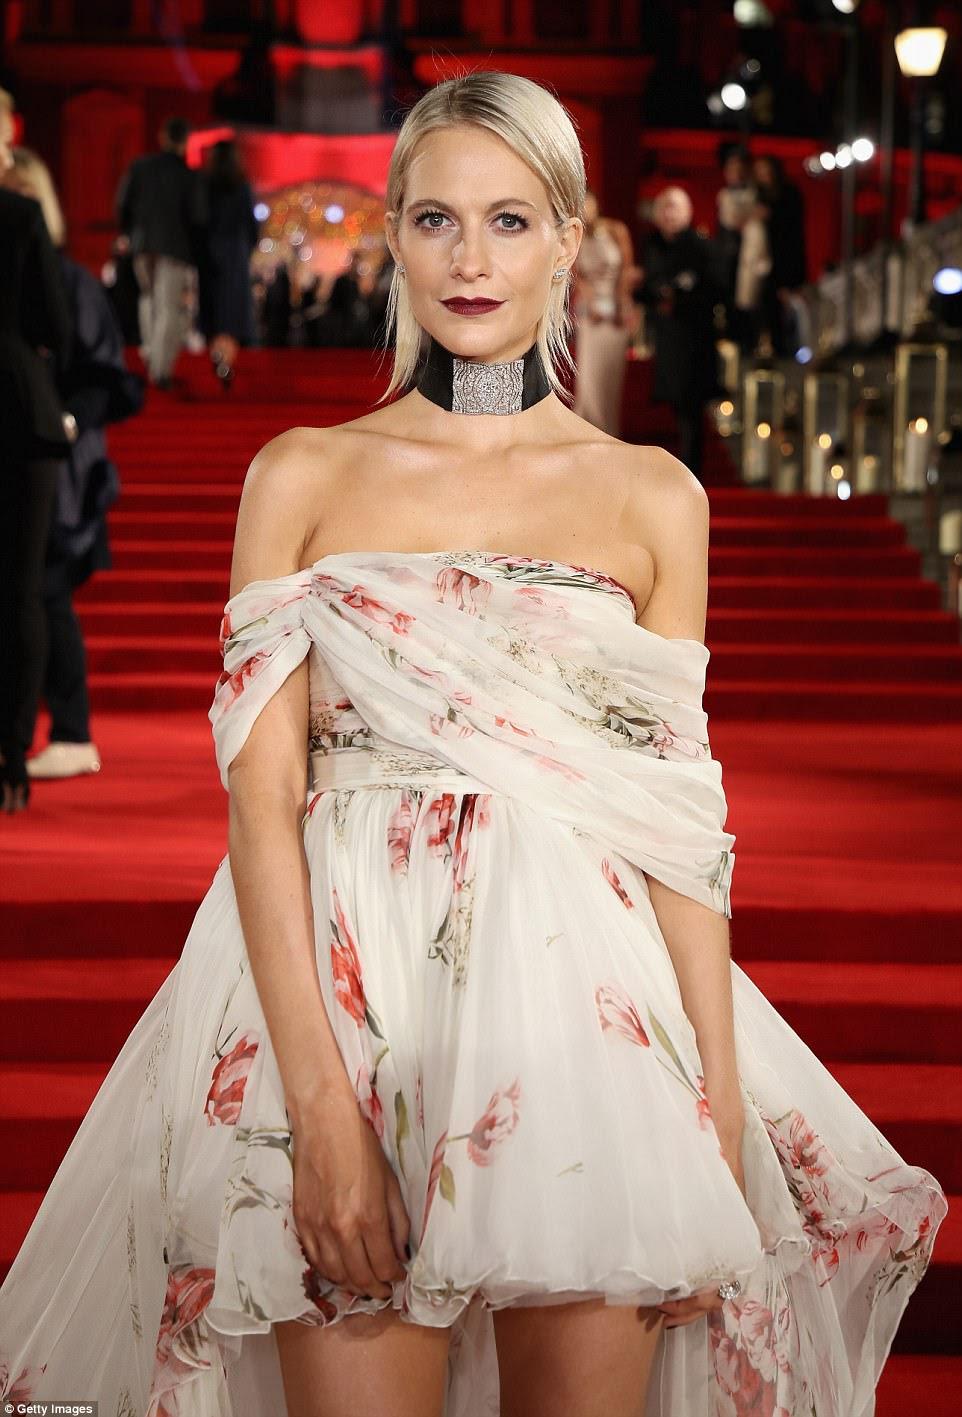 Mantendo-se nervoso: Poppy endureceu seu conjunto floral glamouroso com uma gargantilha espessa e embellished